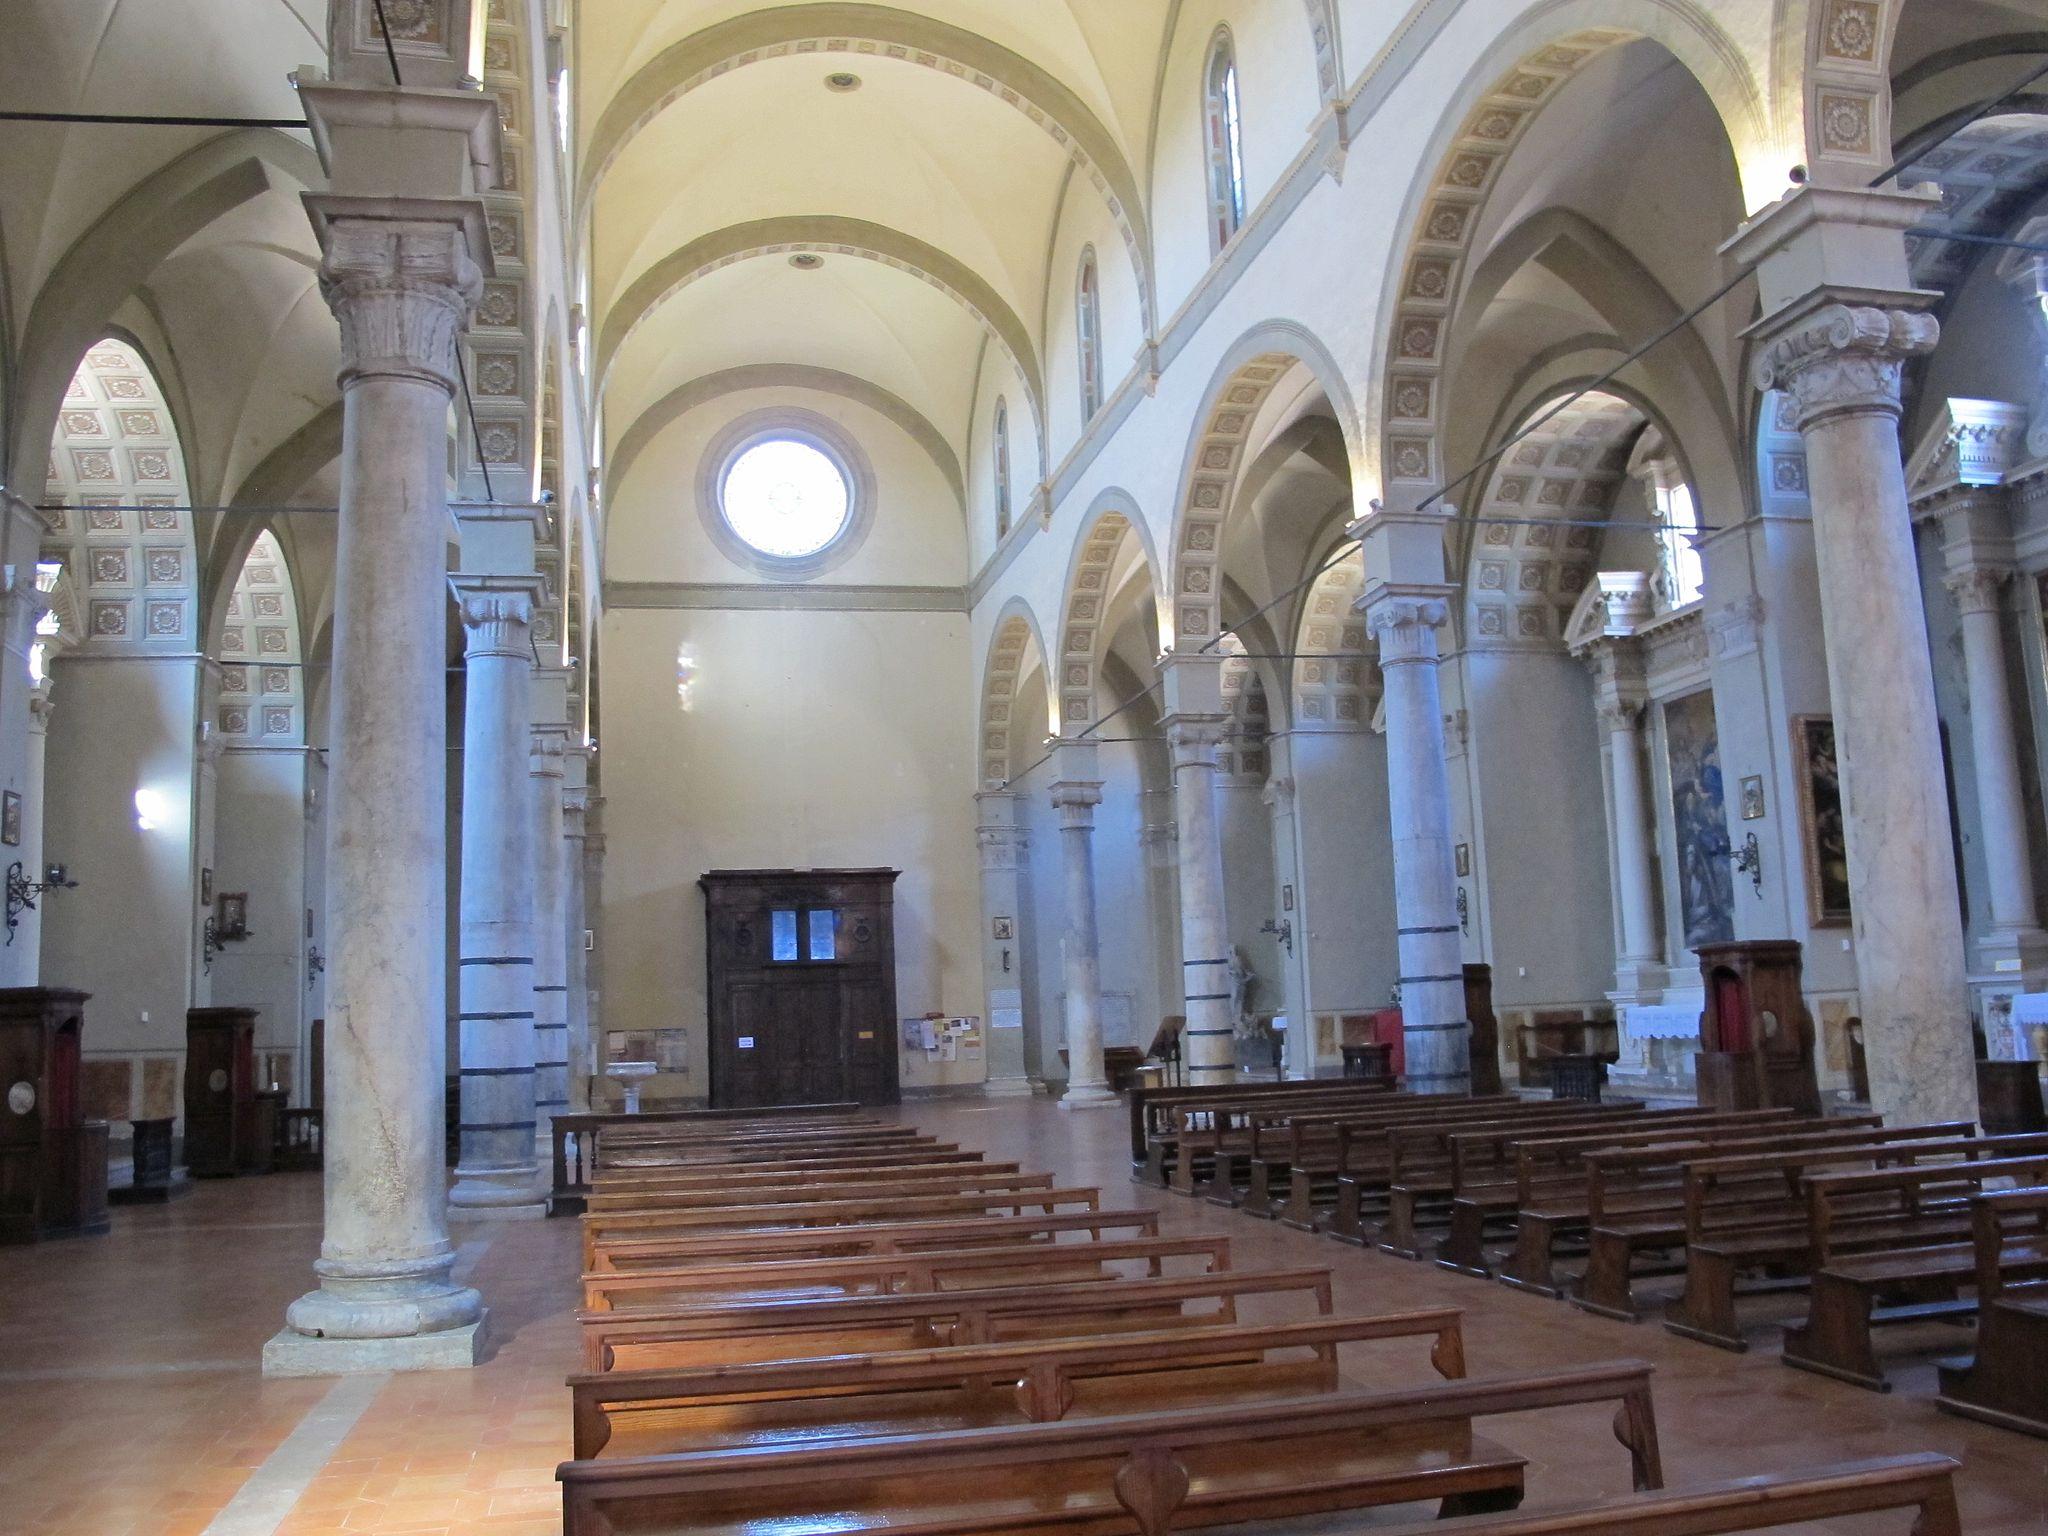 Basilica San Clemente in Santa Maria dei Servi, interno